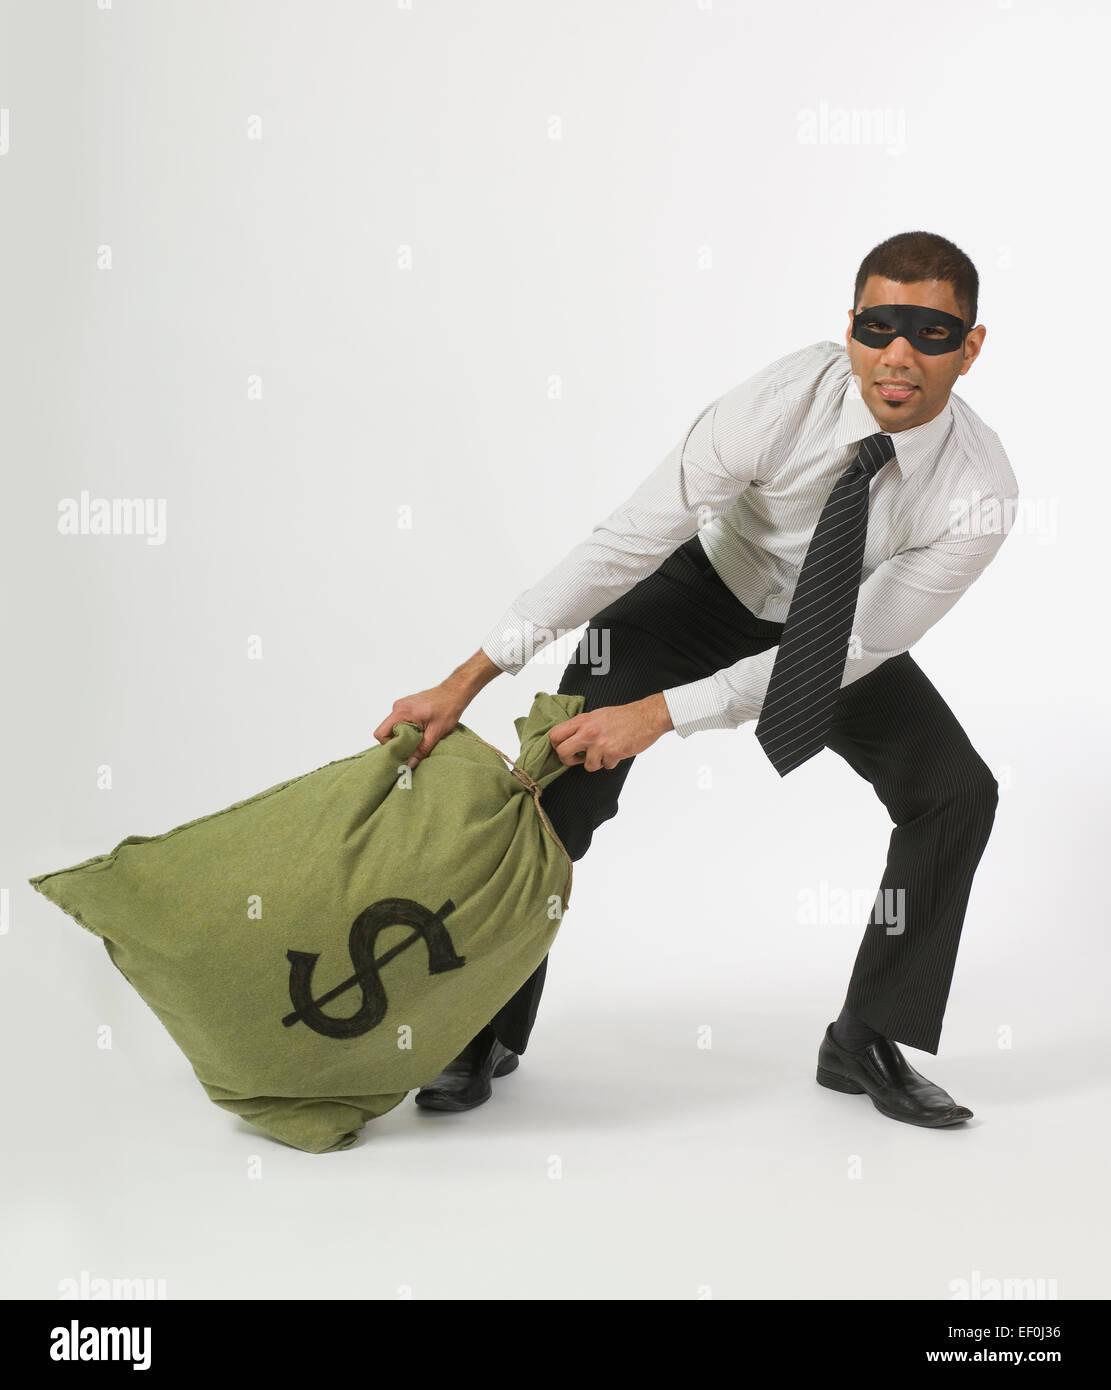 картинки мешок мужчиной бор, причудливой формой